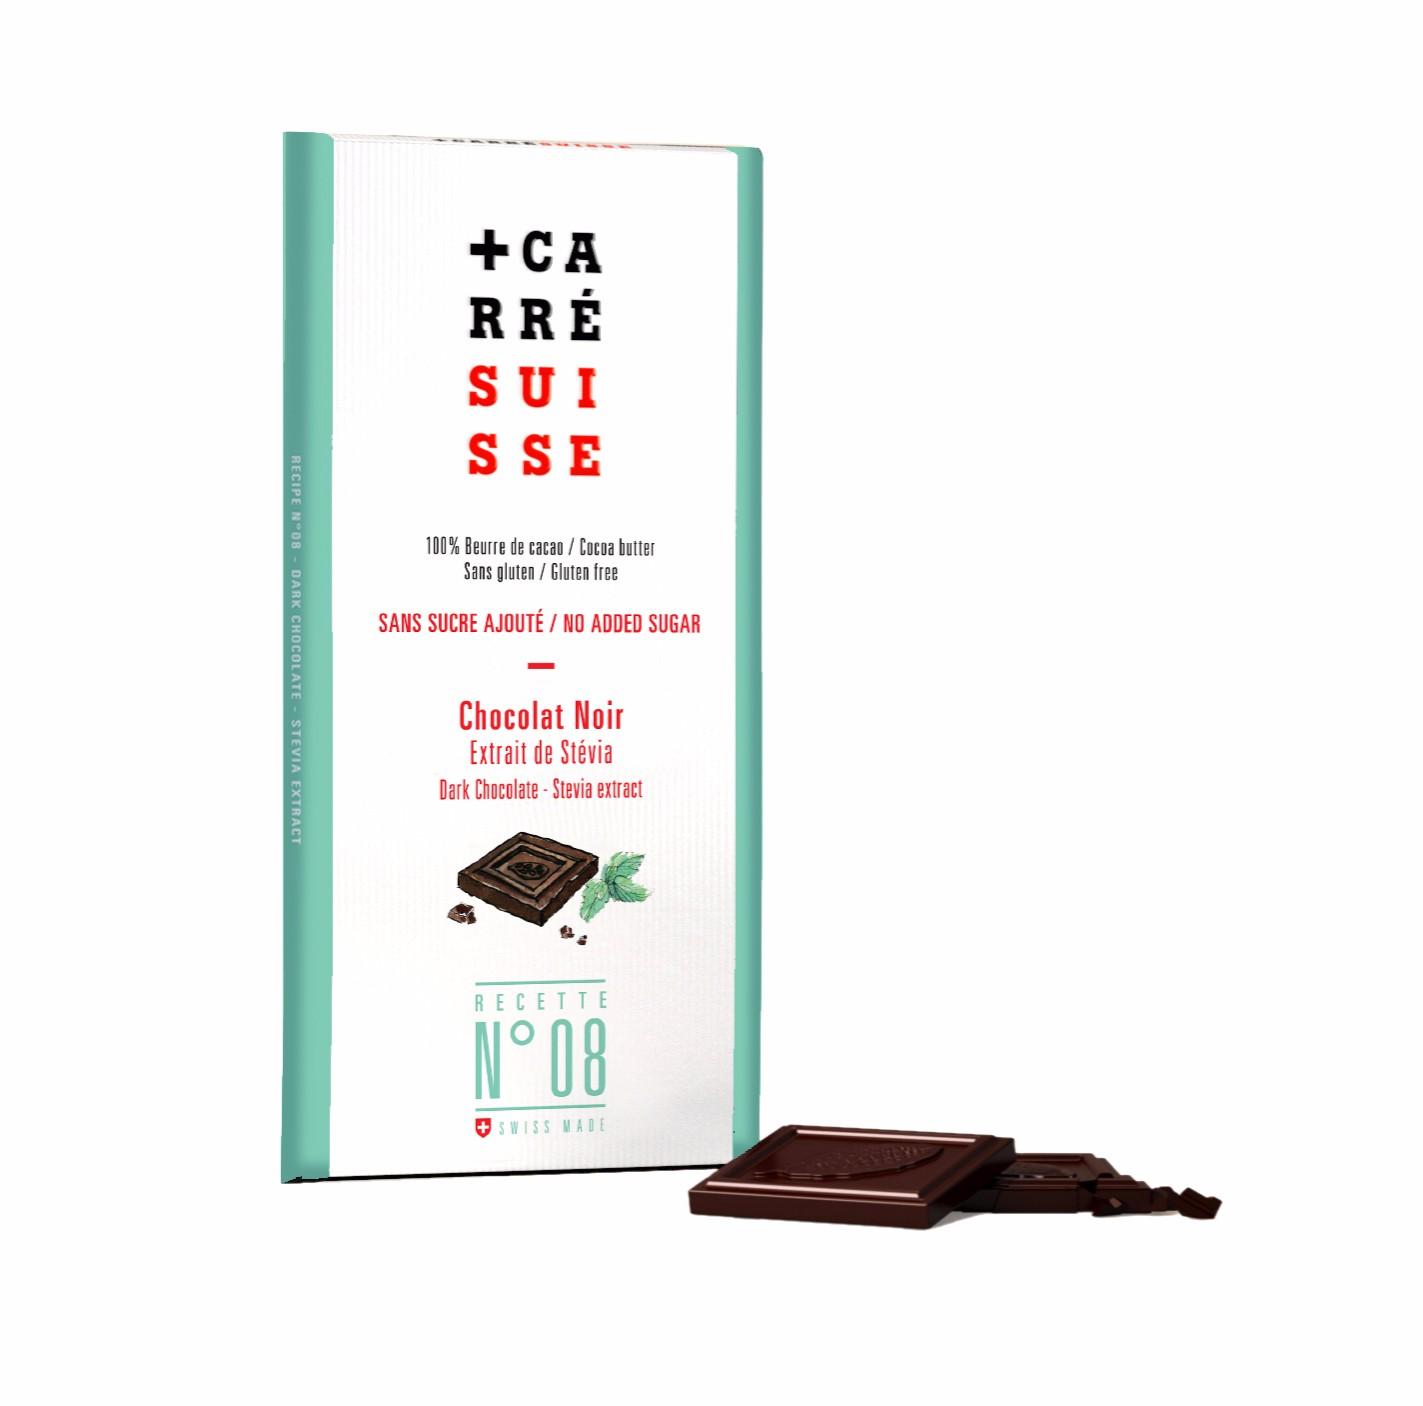 Chocolat noir à l'extrait de stévia, Carré Suisse (100 g)